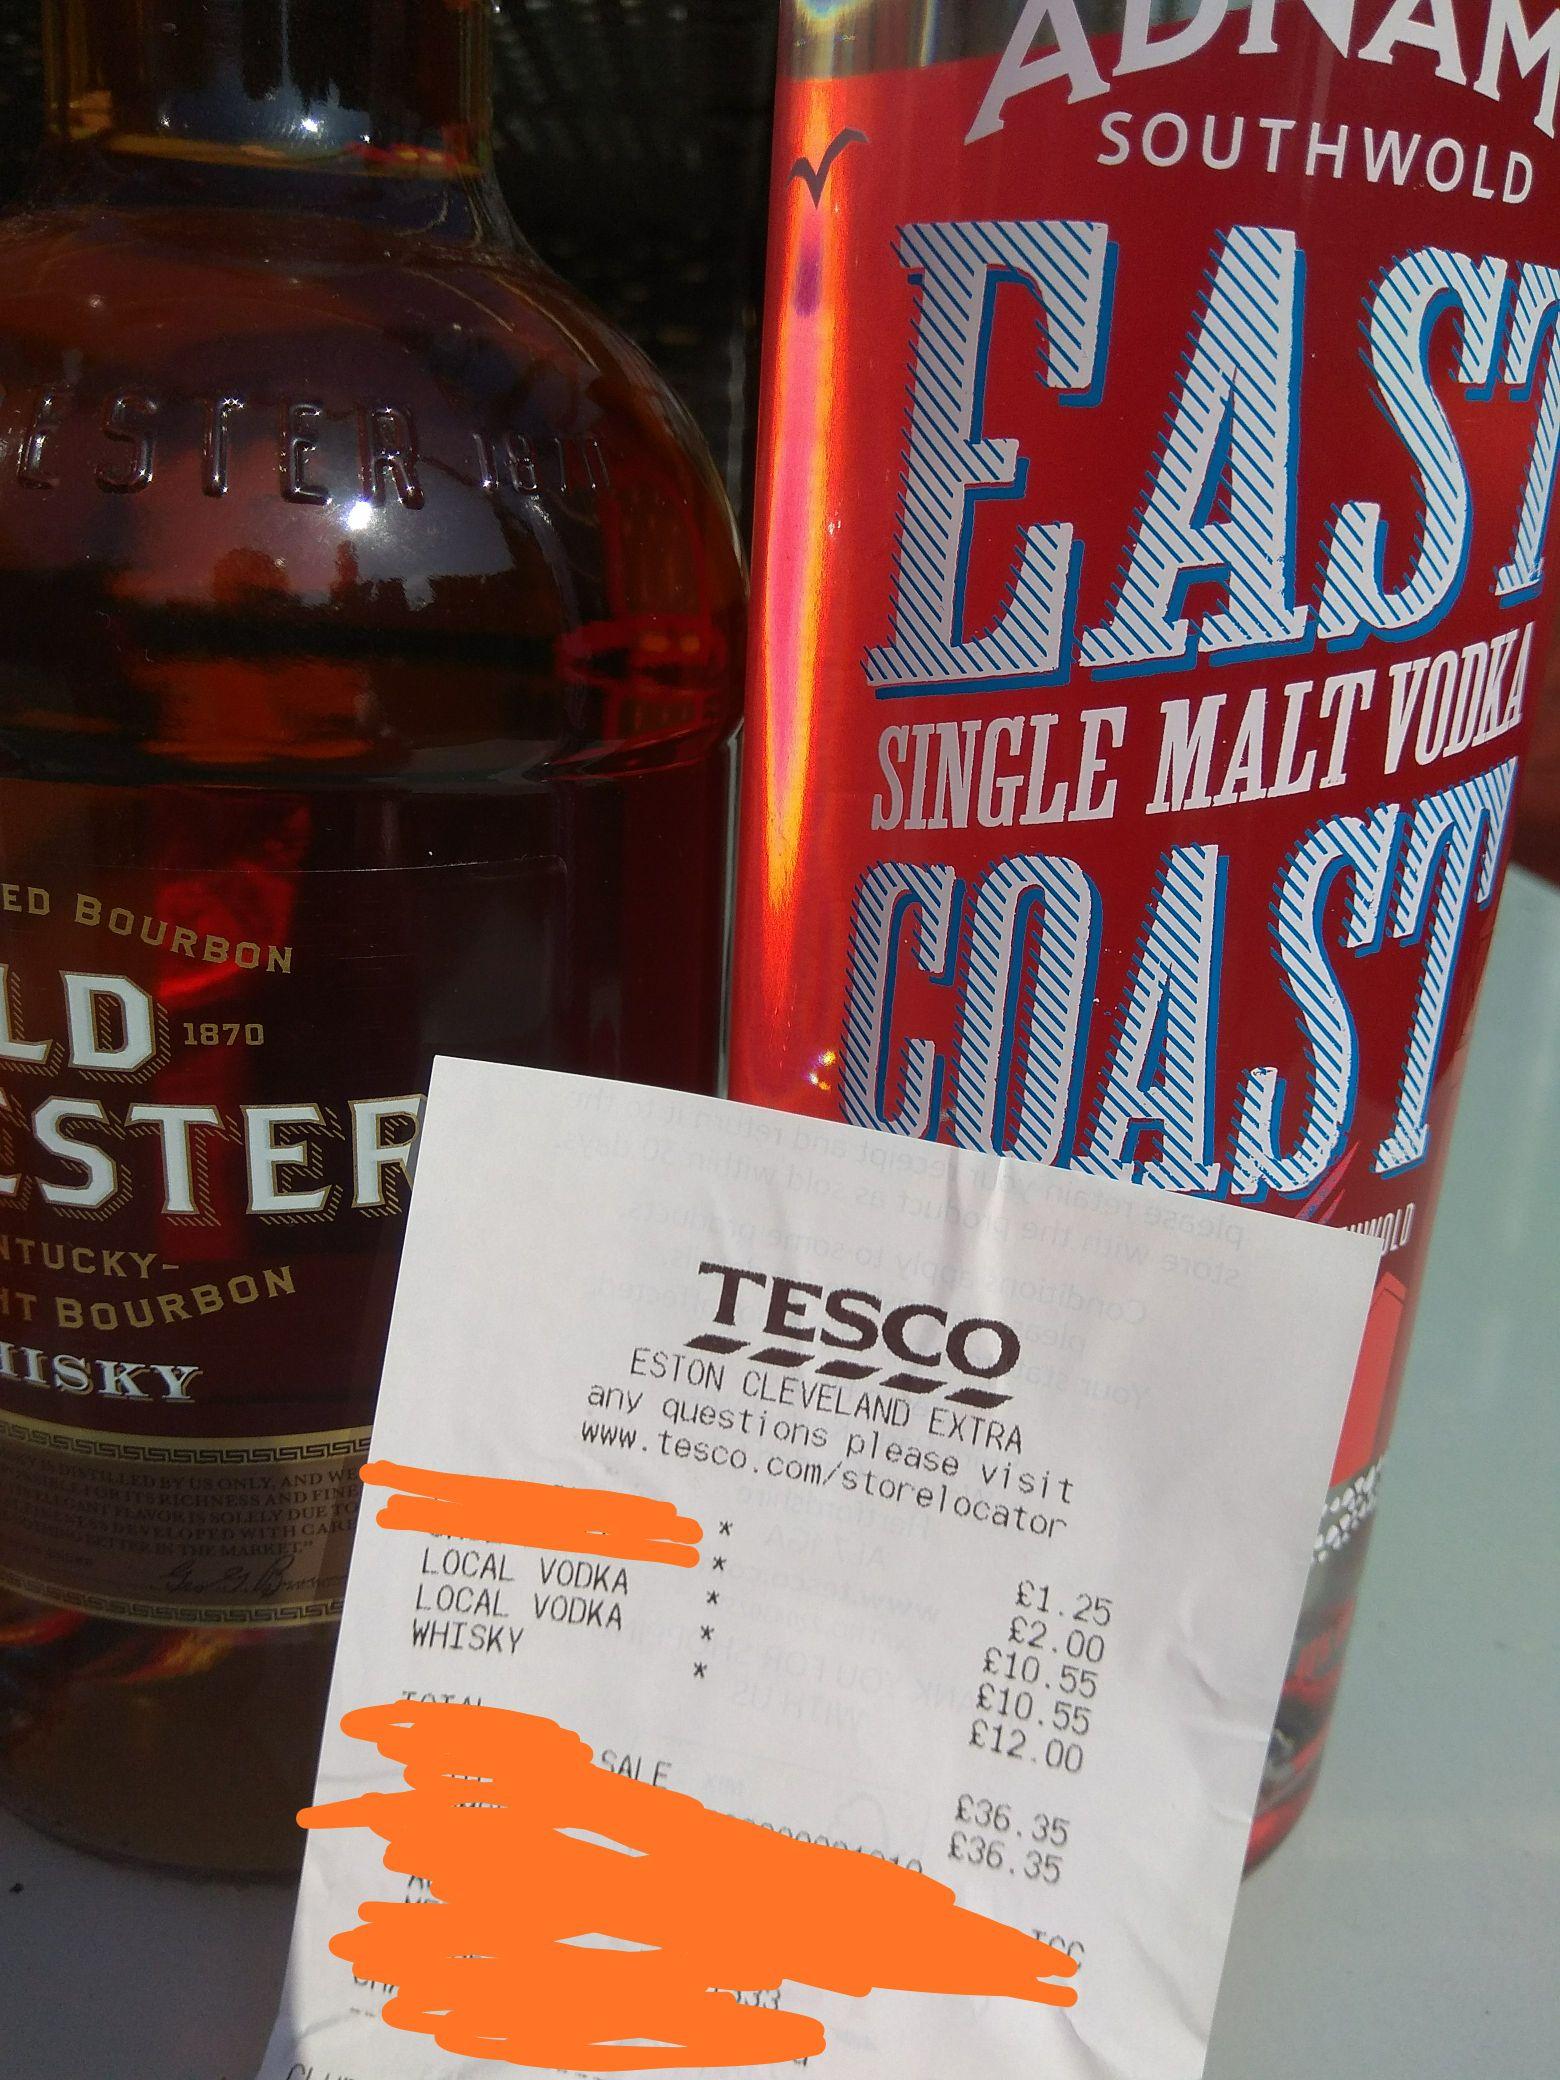 East Coast Vodka £10.55 *in store * @ Tesco